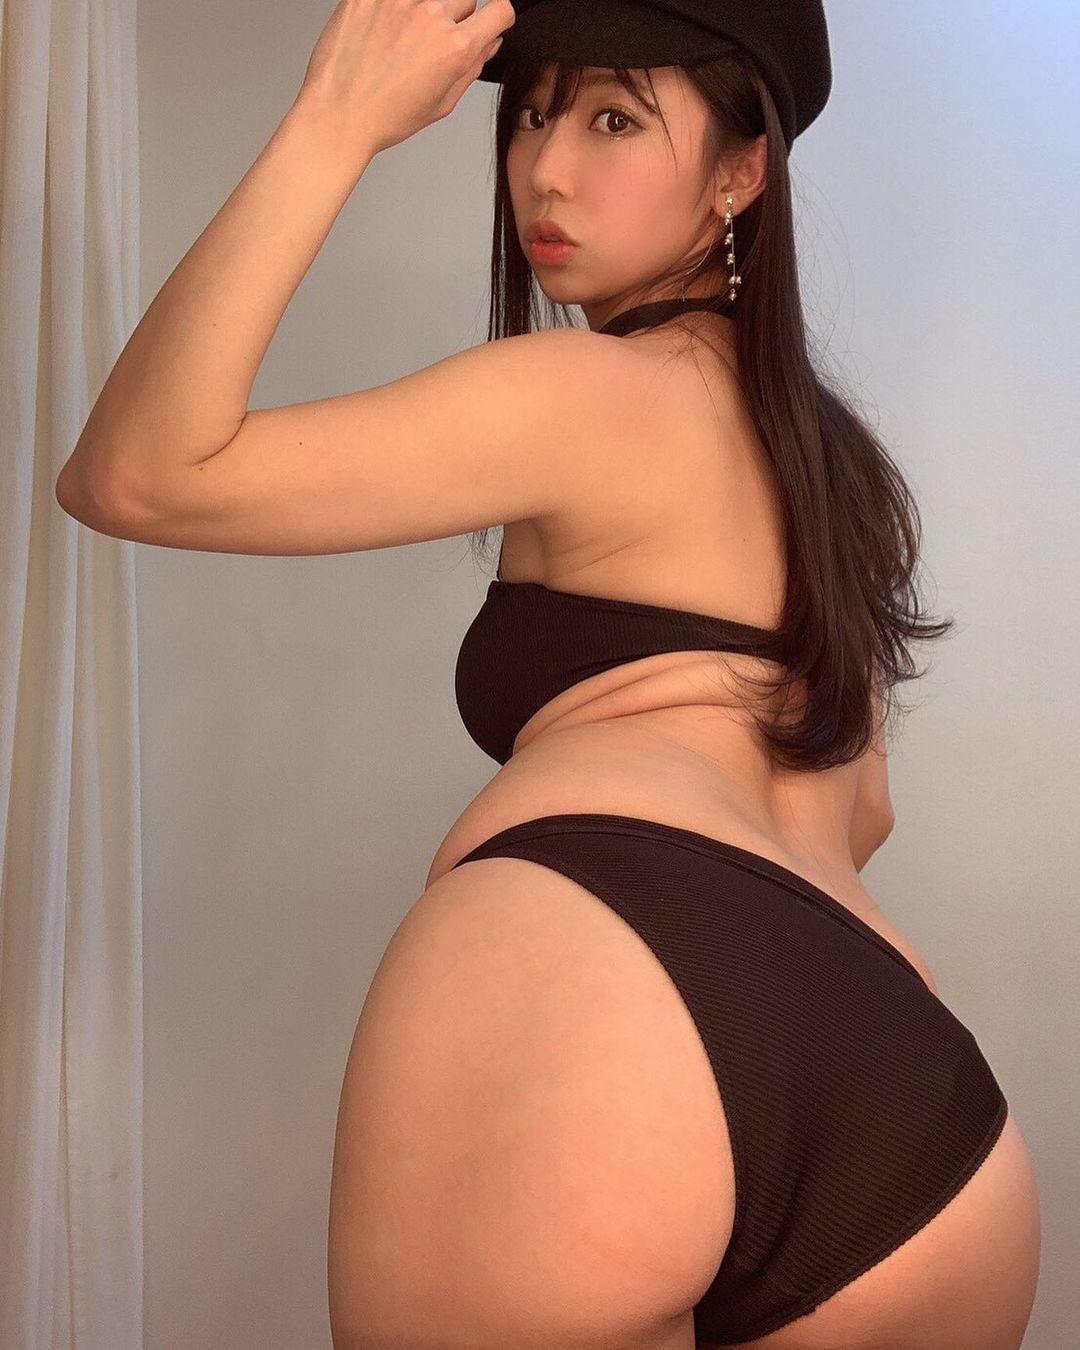 セクシーなビキニ水着姿で美尻を披露【鈴木ふみ奈さん/2021年1月23日】